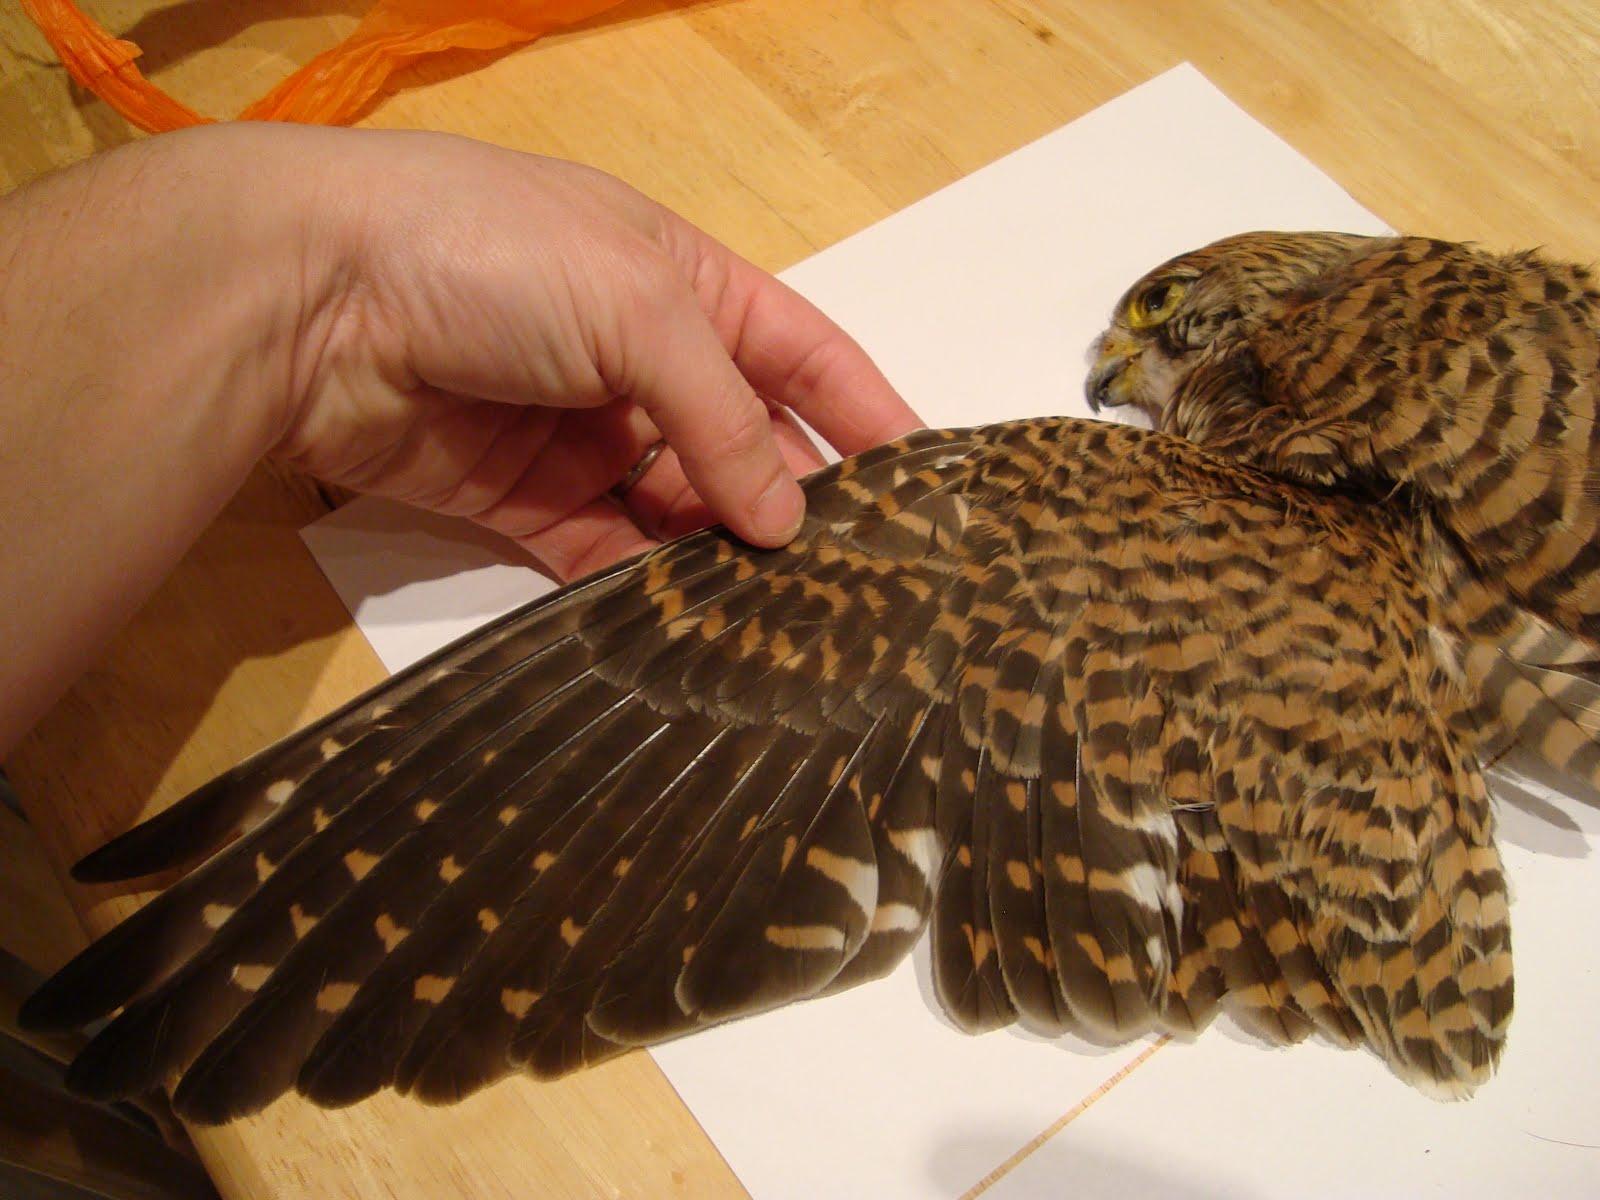 Bird Wings Side View Kestrel - side view